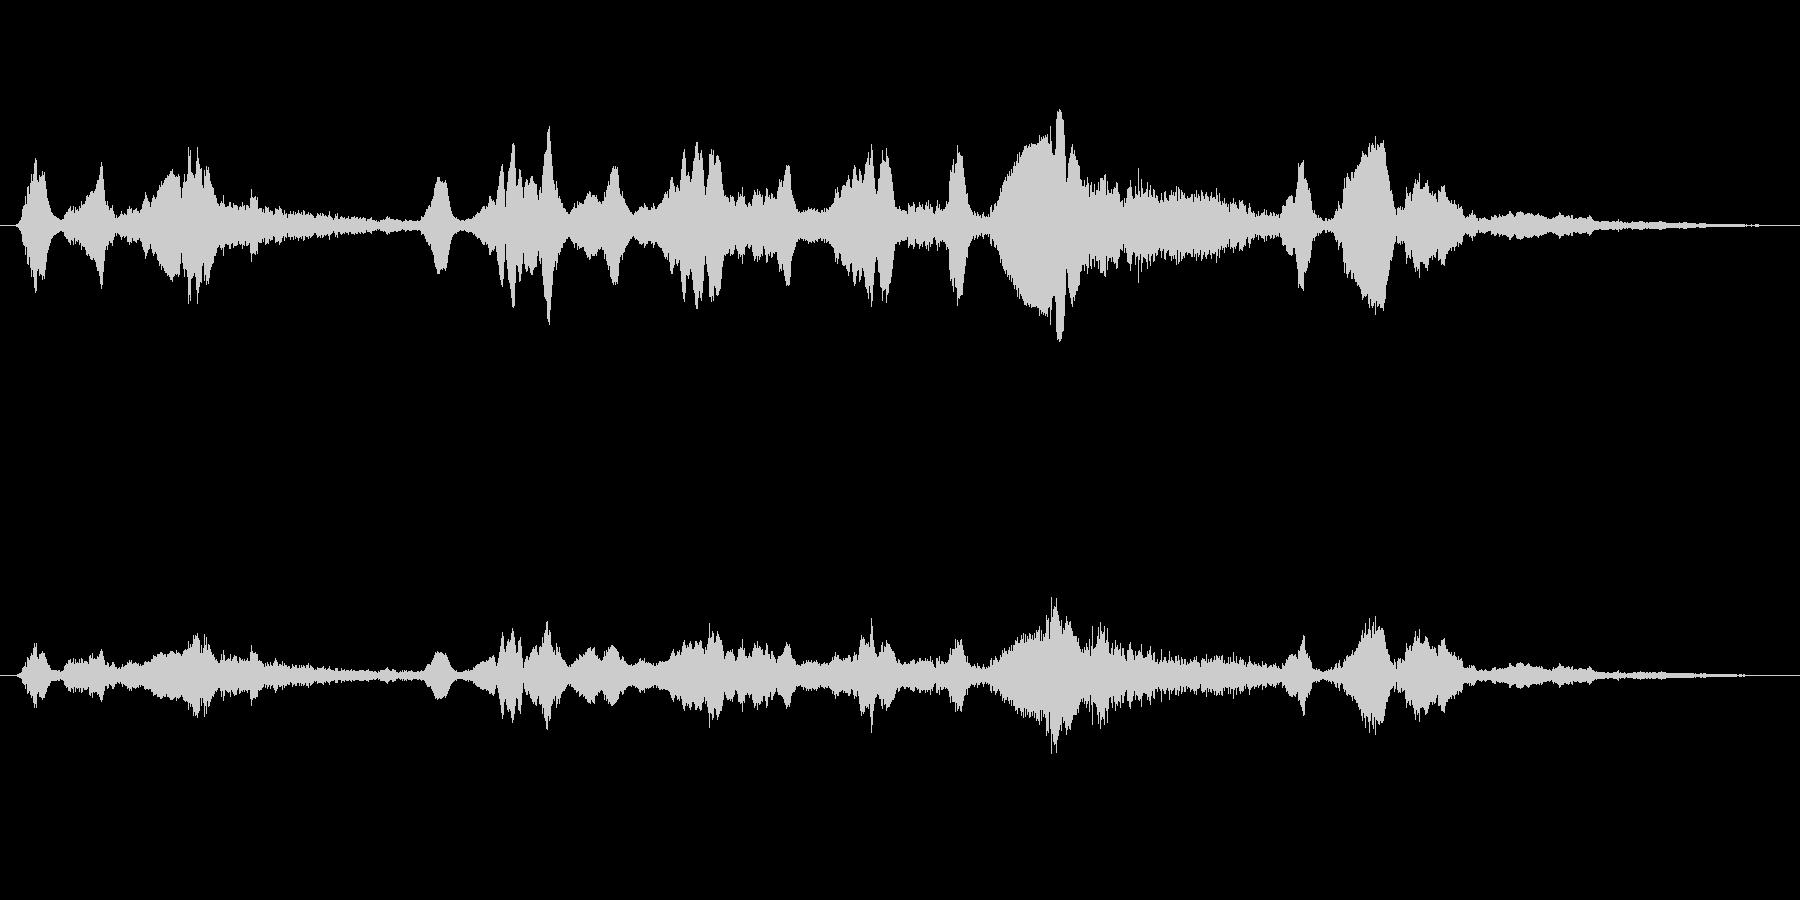 シンセ 巨大な歪みシーケンス03の未再生の波形